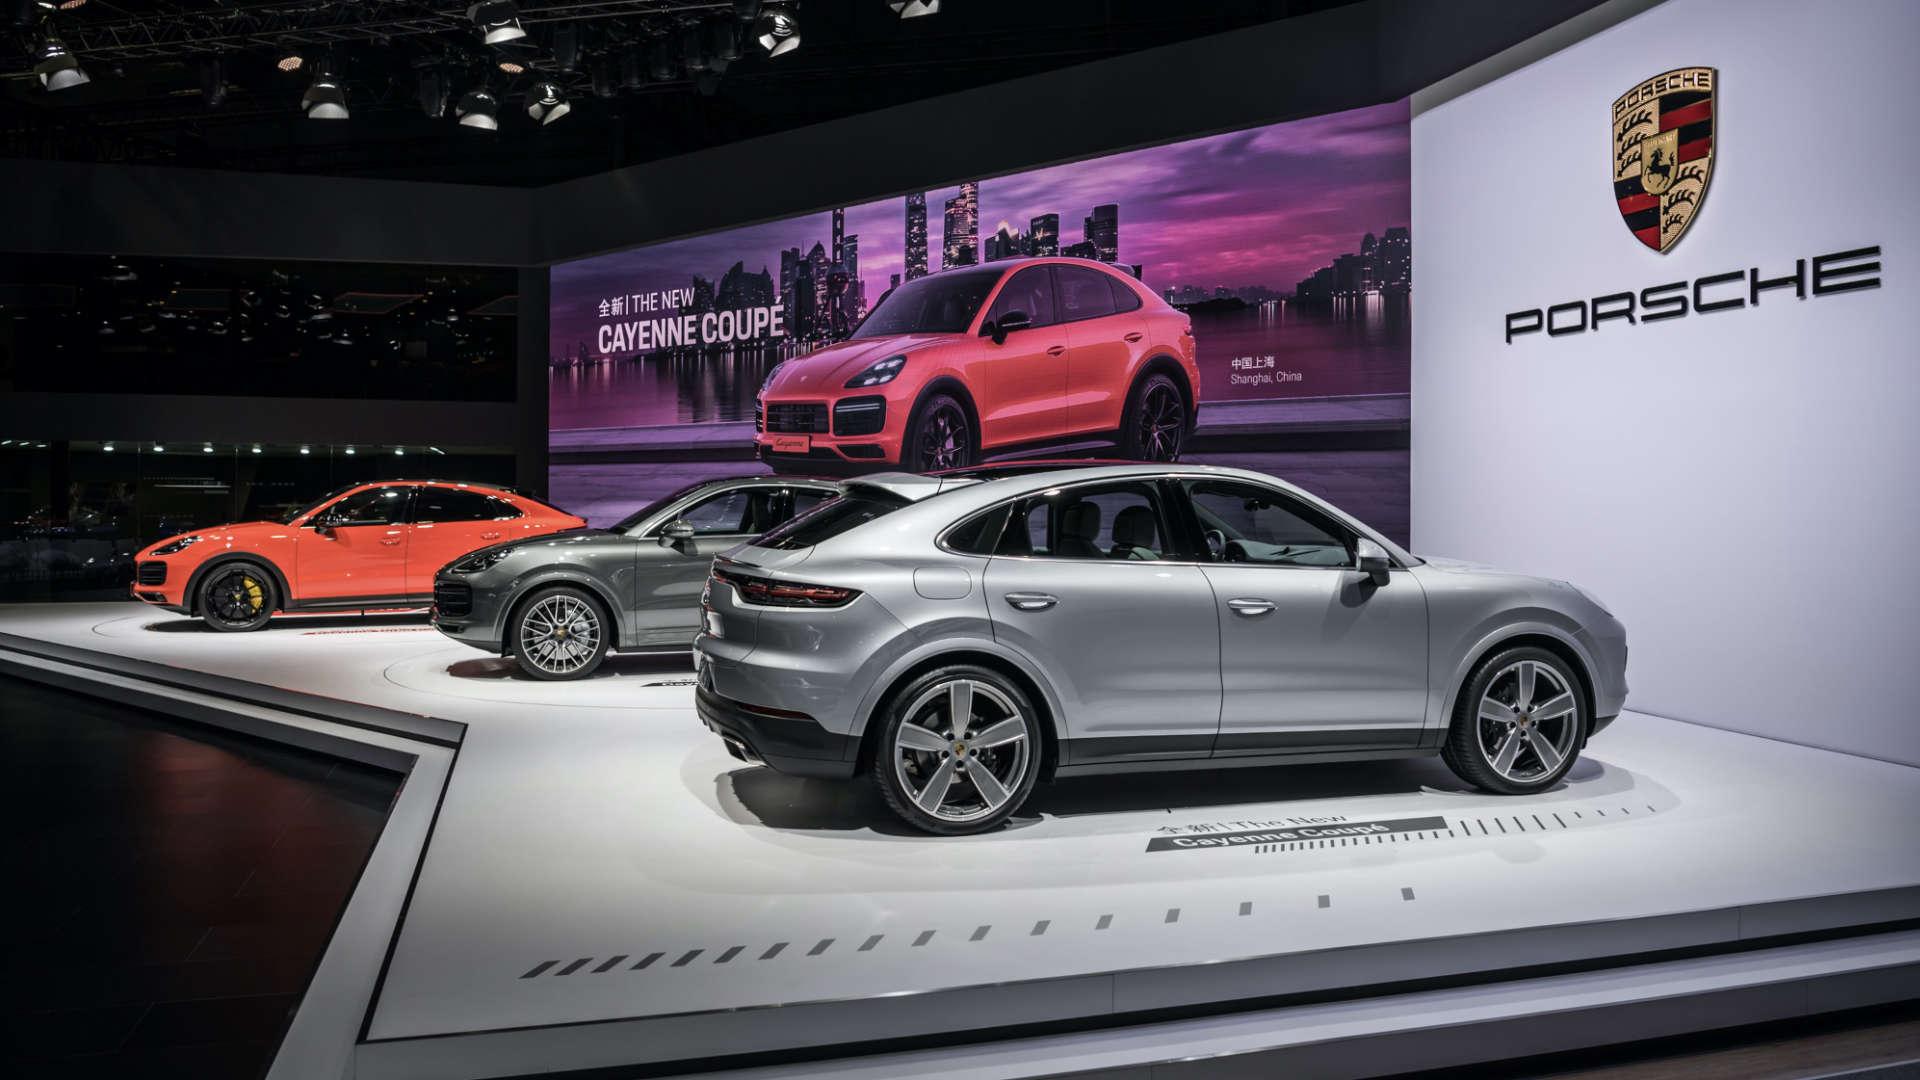 Messepremiere Porsche Cayenne Coupé Shanghai